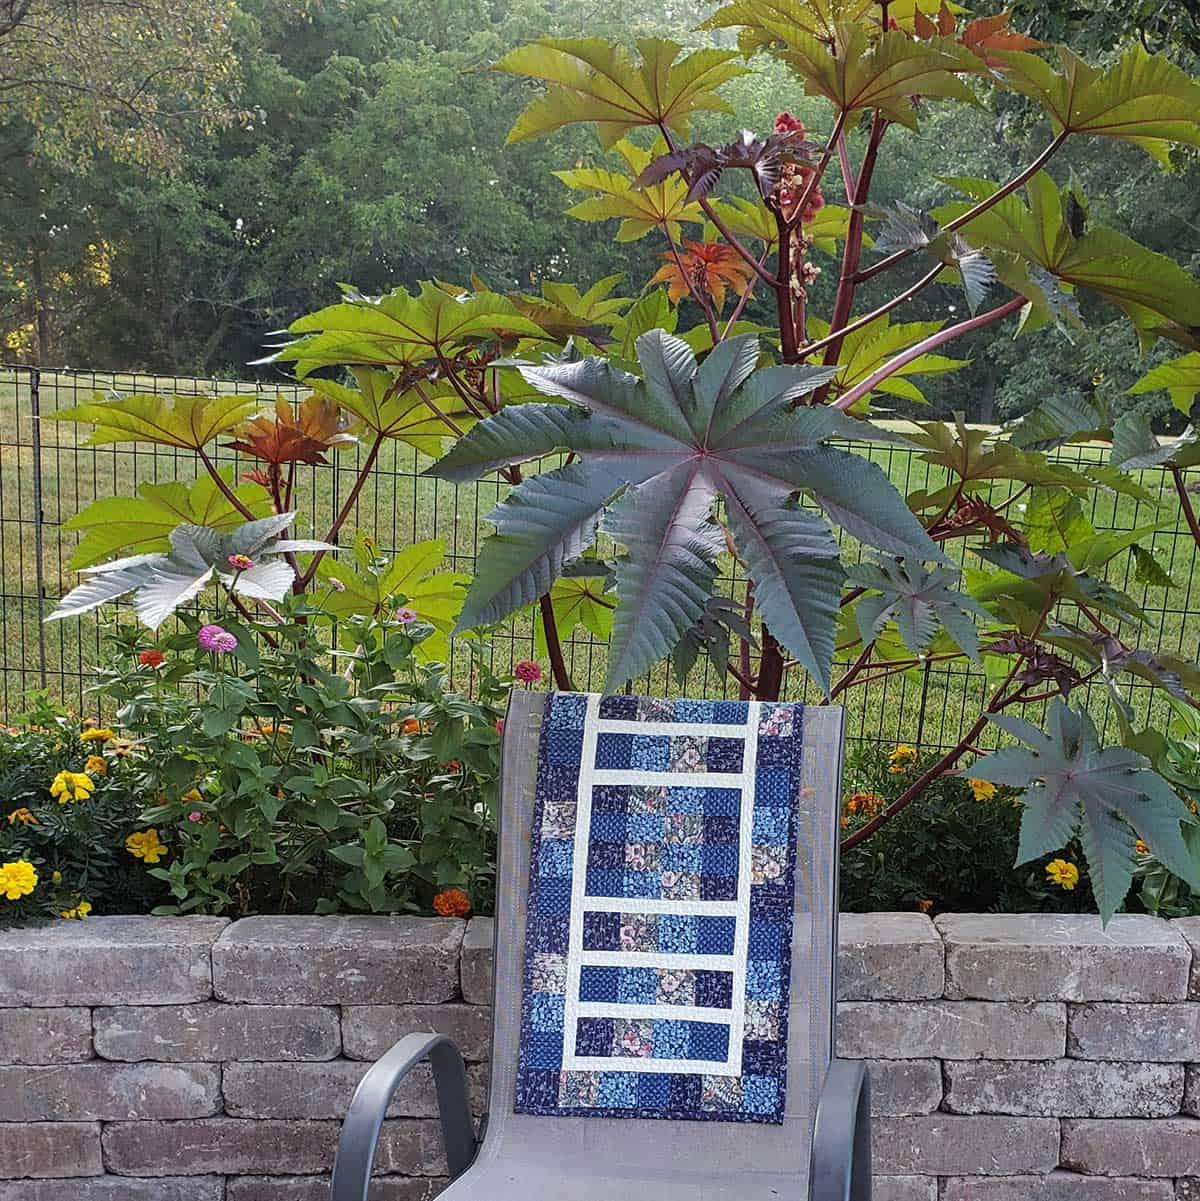 table runner by castor bean plant